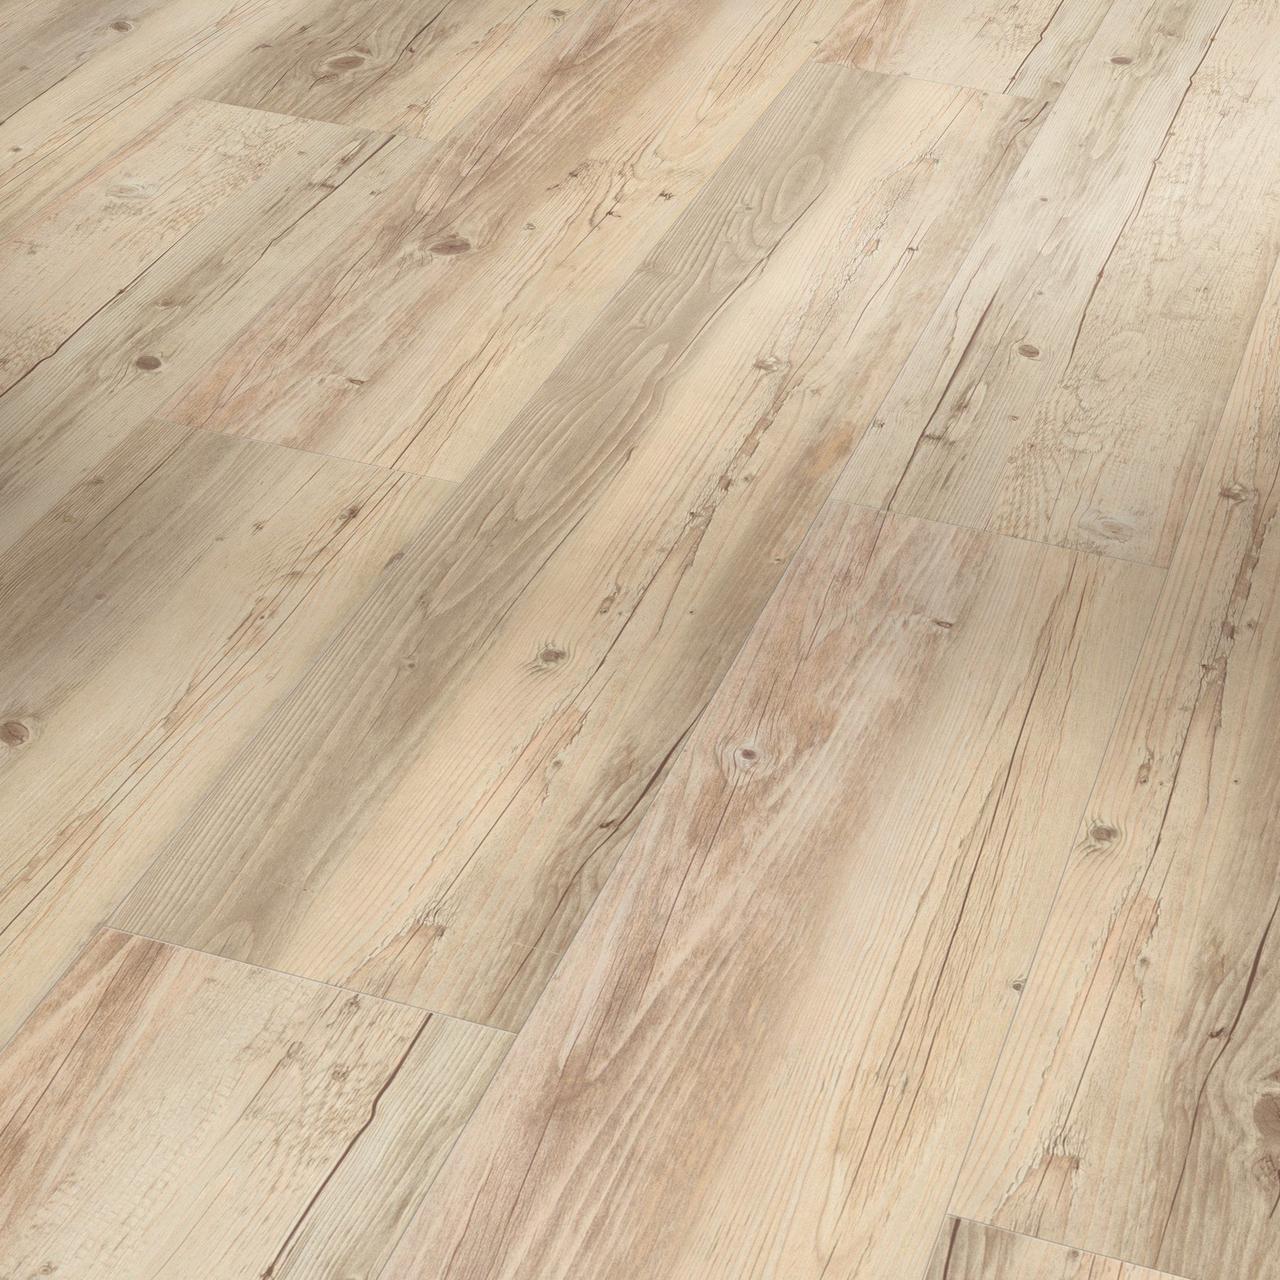 Виниловые покрытия Parador Сосна белое масло пиленная (Pine white oiled rough-sawn texture)